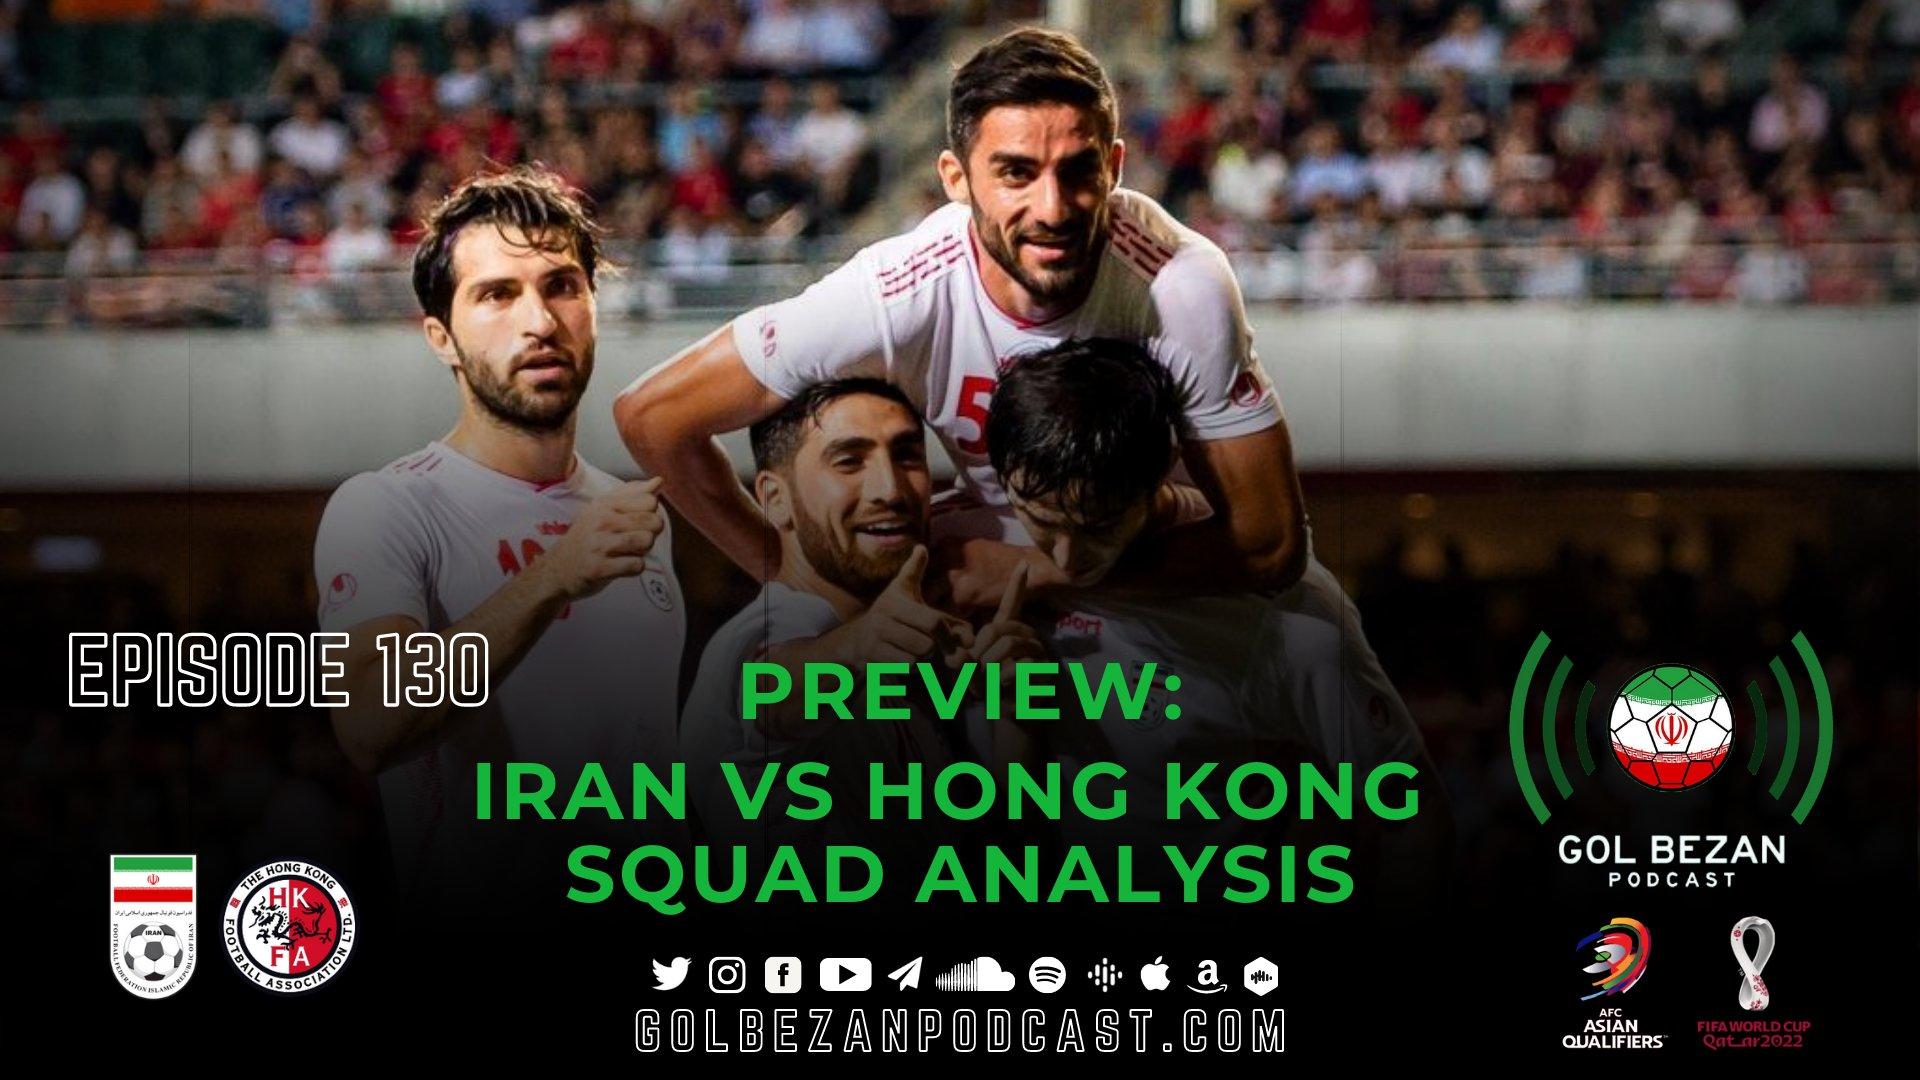 Iran vs Hong Kong